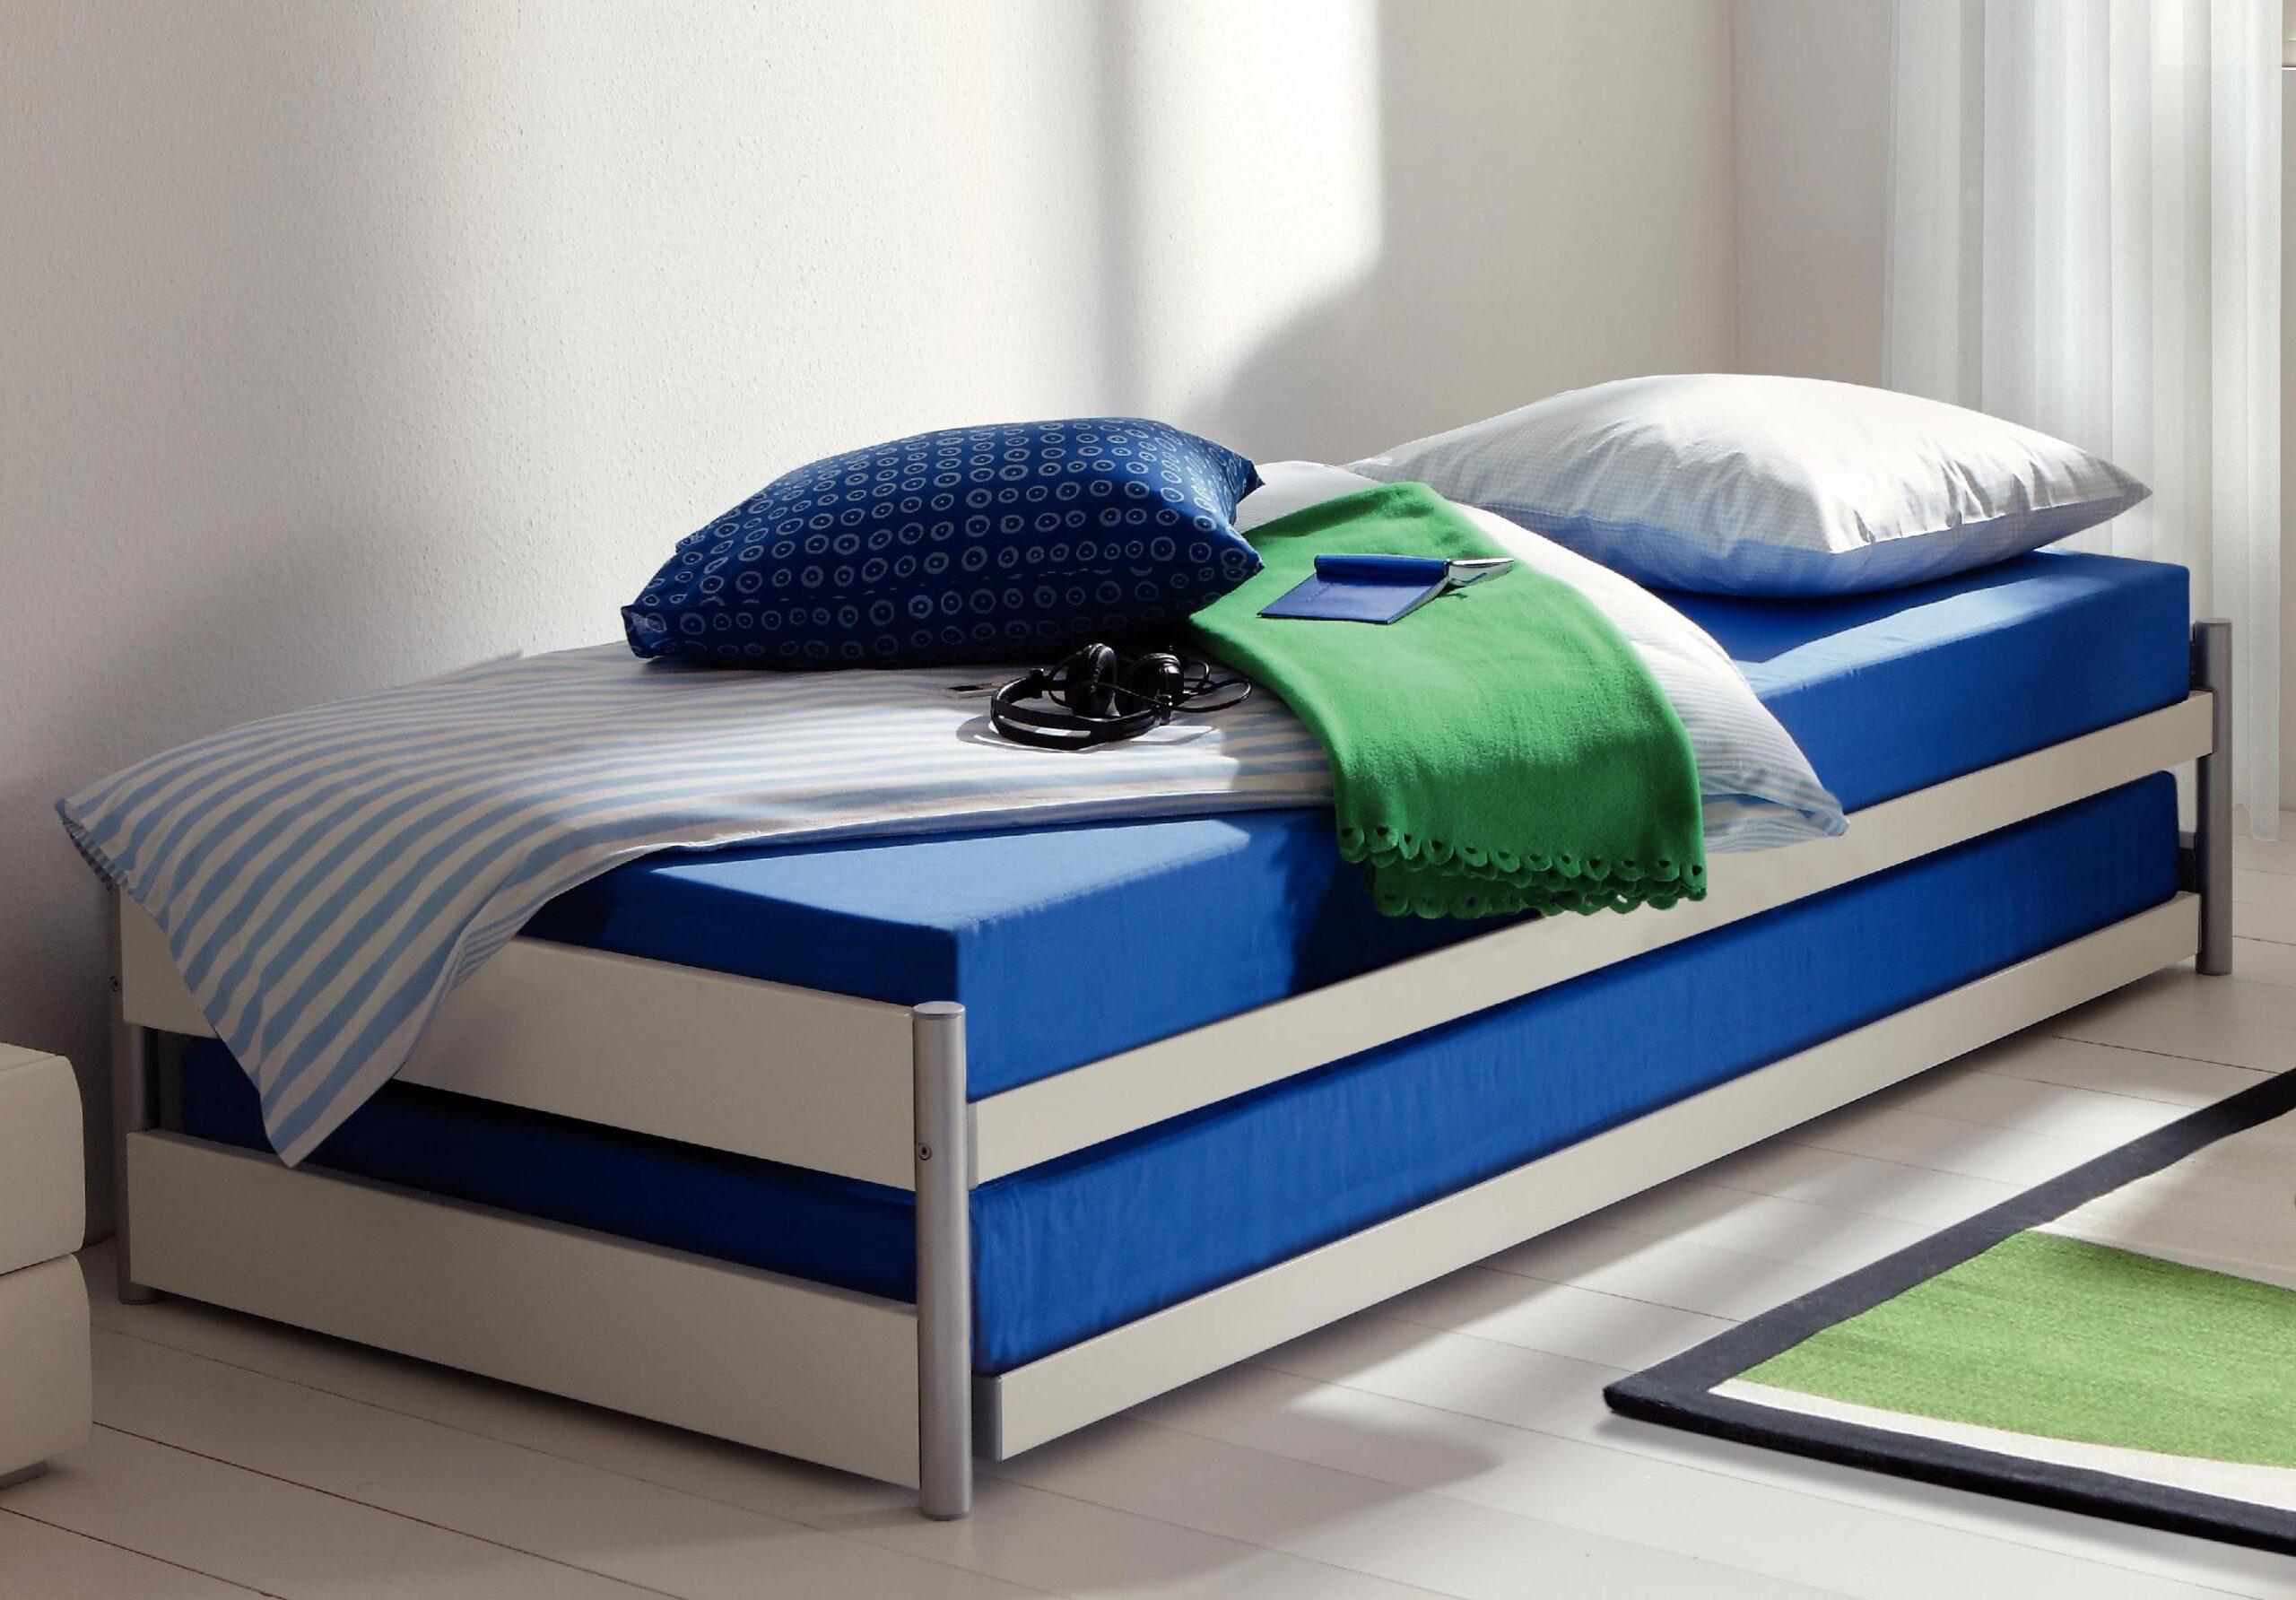 Full Size of Ausziehbett 140x200 Bett Mit Ikea Pully Wei Betten Matratze Und Berlin Modulküche Massivholz Sofa Verstellbarer Sitztiefe Schlafzimmer überbau Hocker Wohnzimmer Bett Mit Ausziehbett Ikea